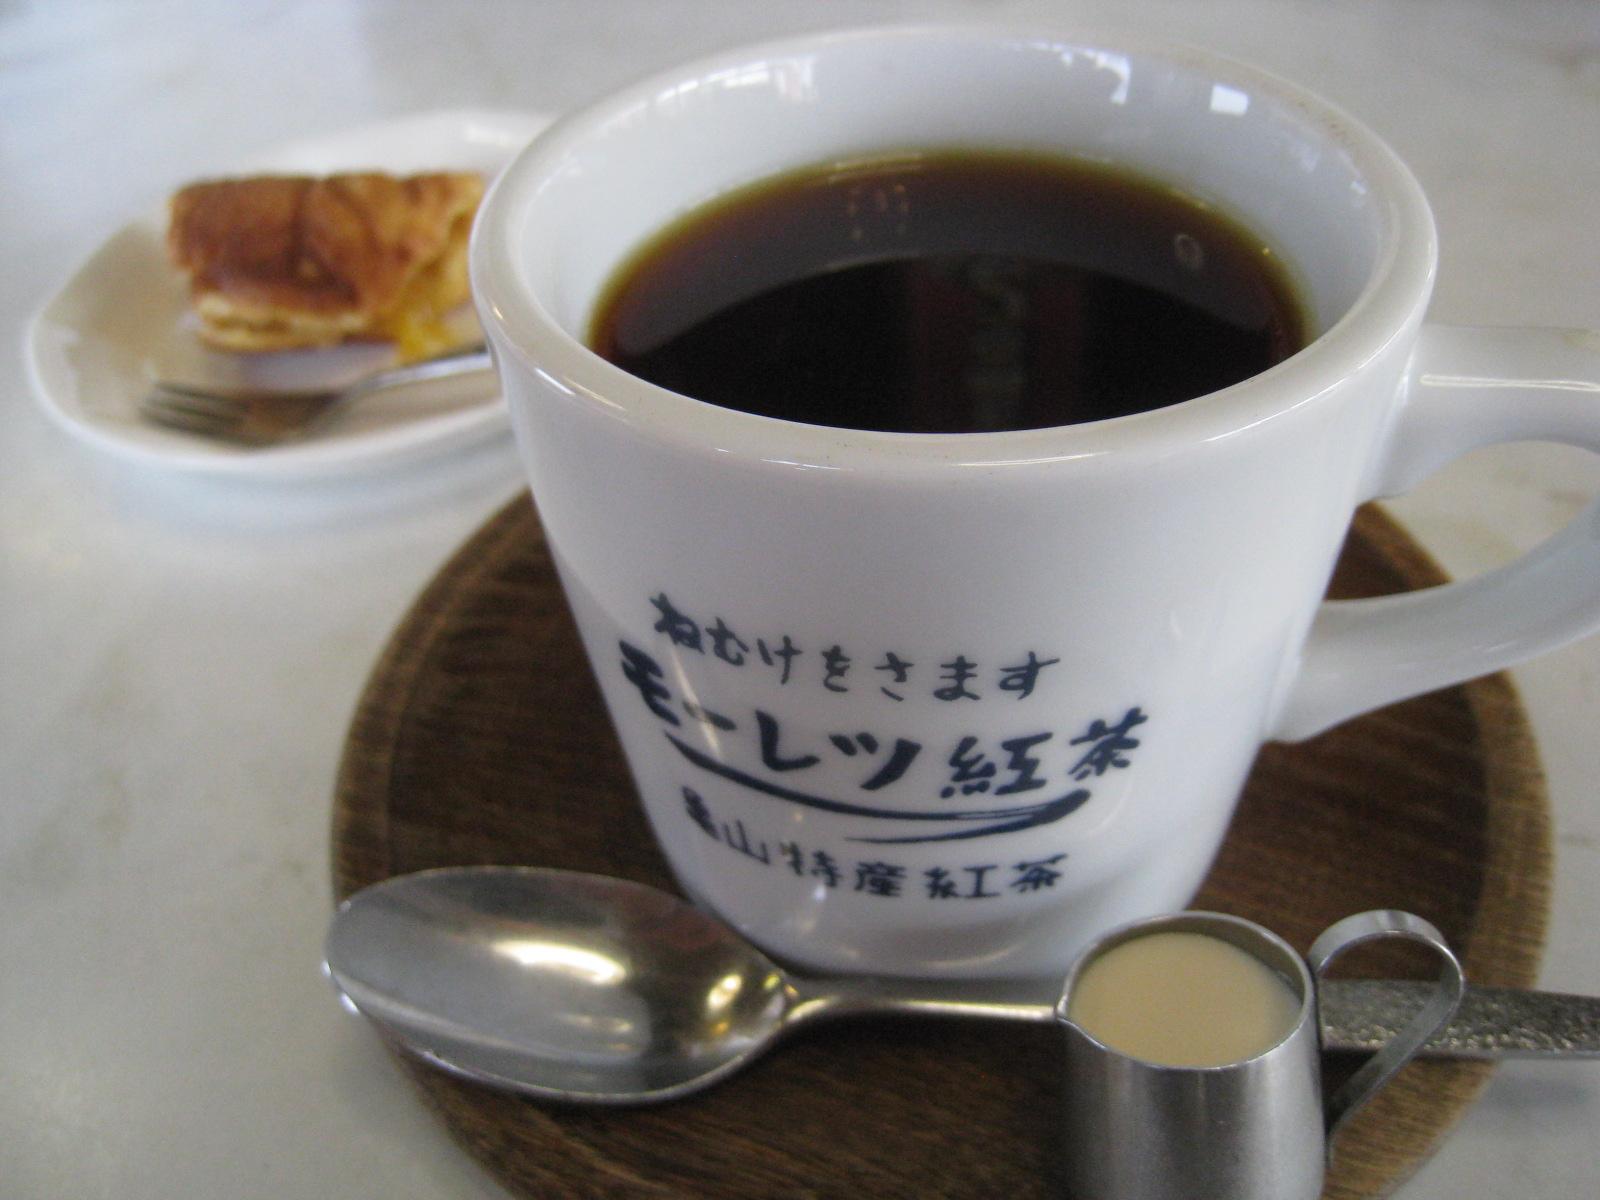 コーヒー!?_b0220318_6193095.jpg